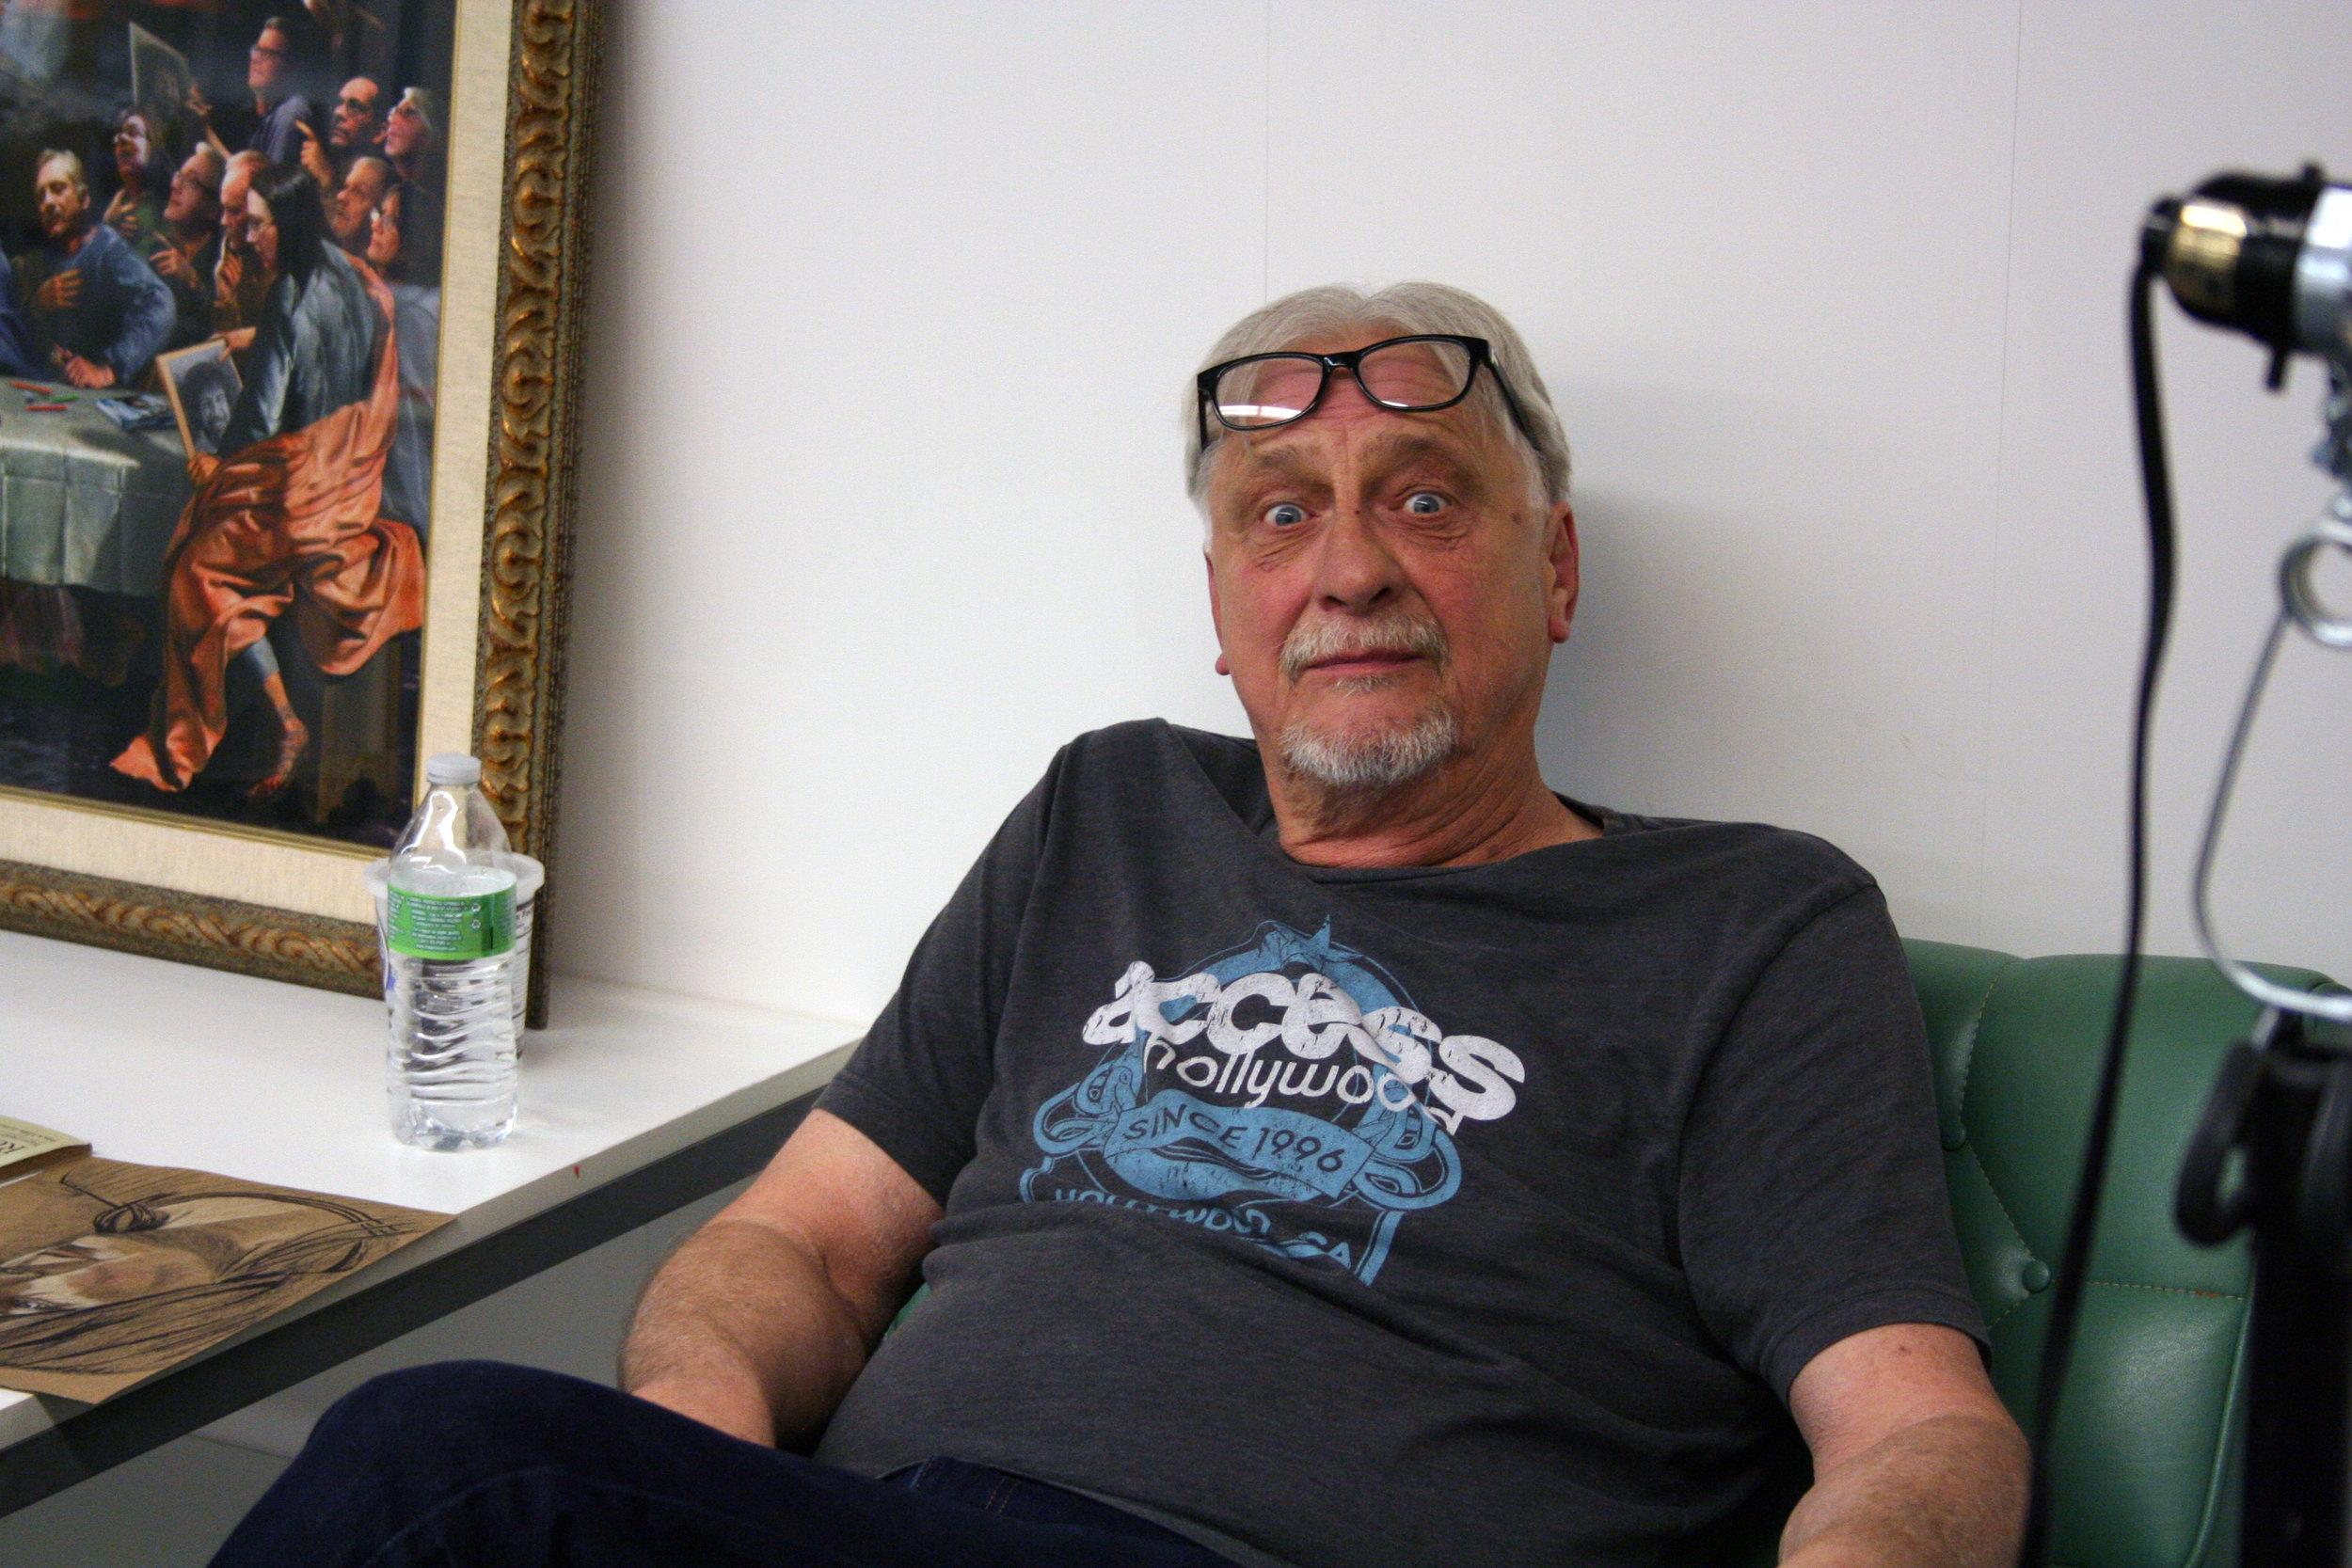 Photo of Brian Pierce by Anne Lyon.